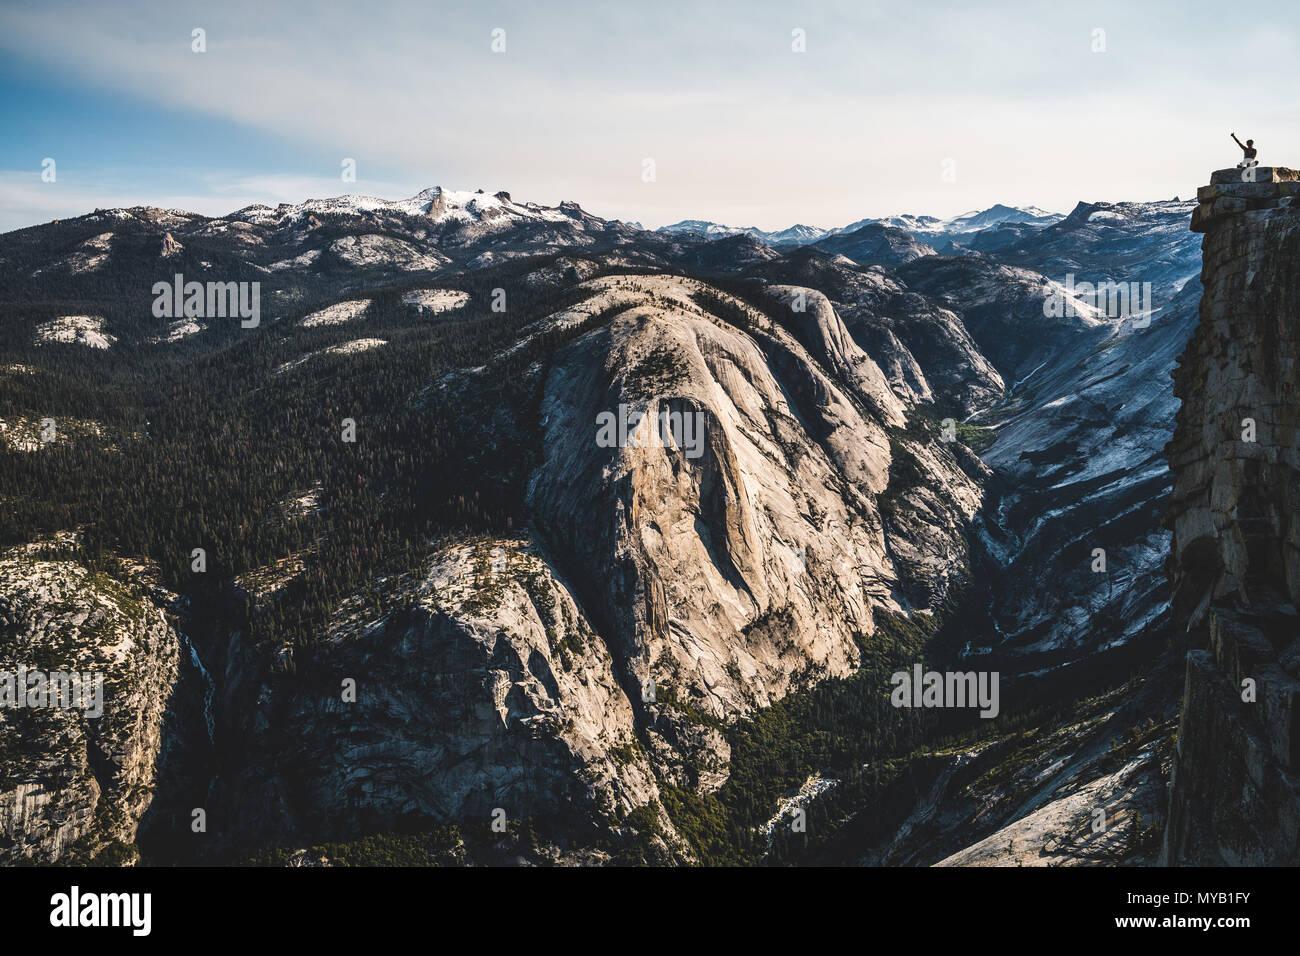 Eine kleine, einsame Wanderer auf der Oberseite des Half Dome im Yosemite National Park. Stockbild